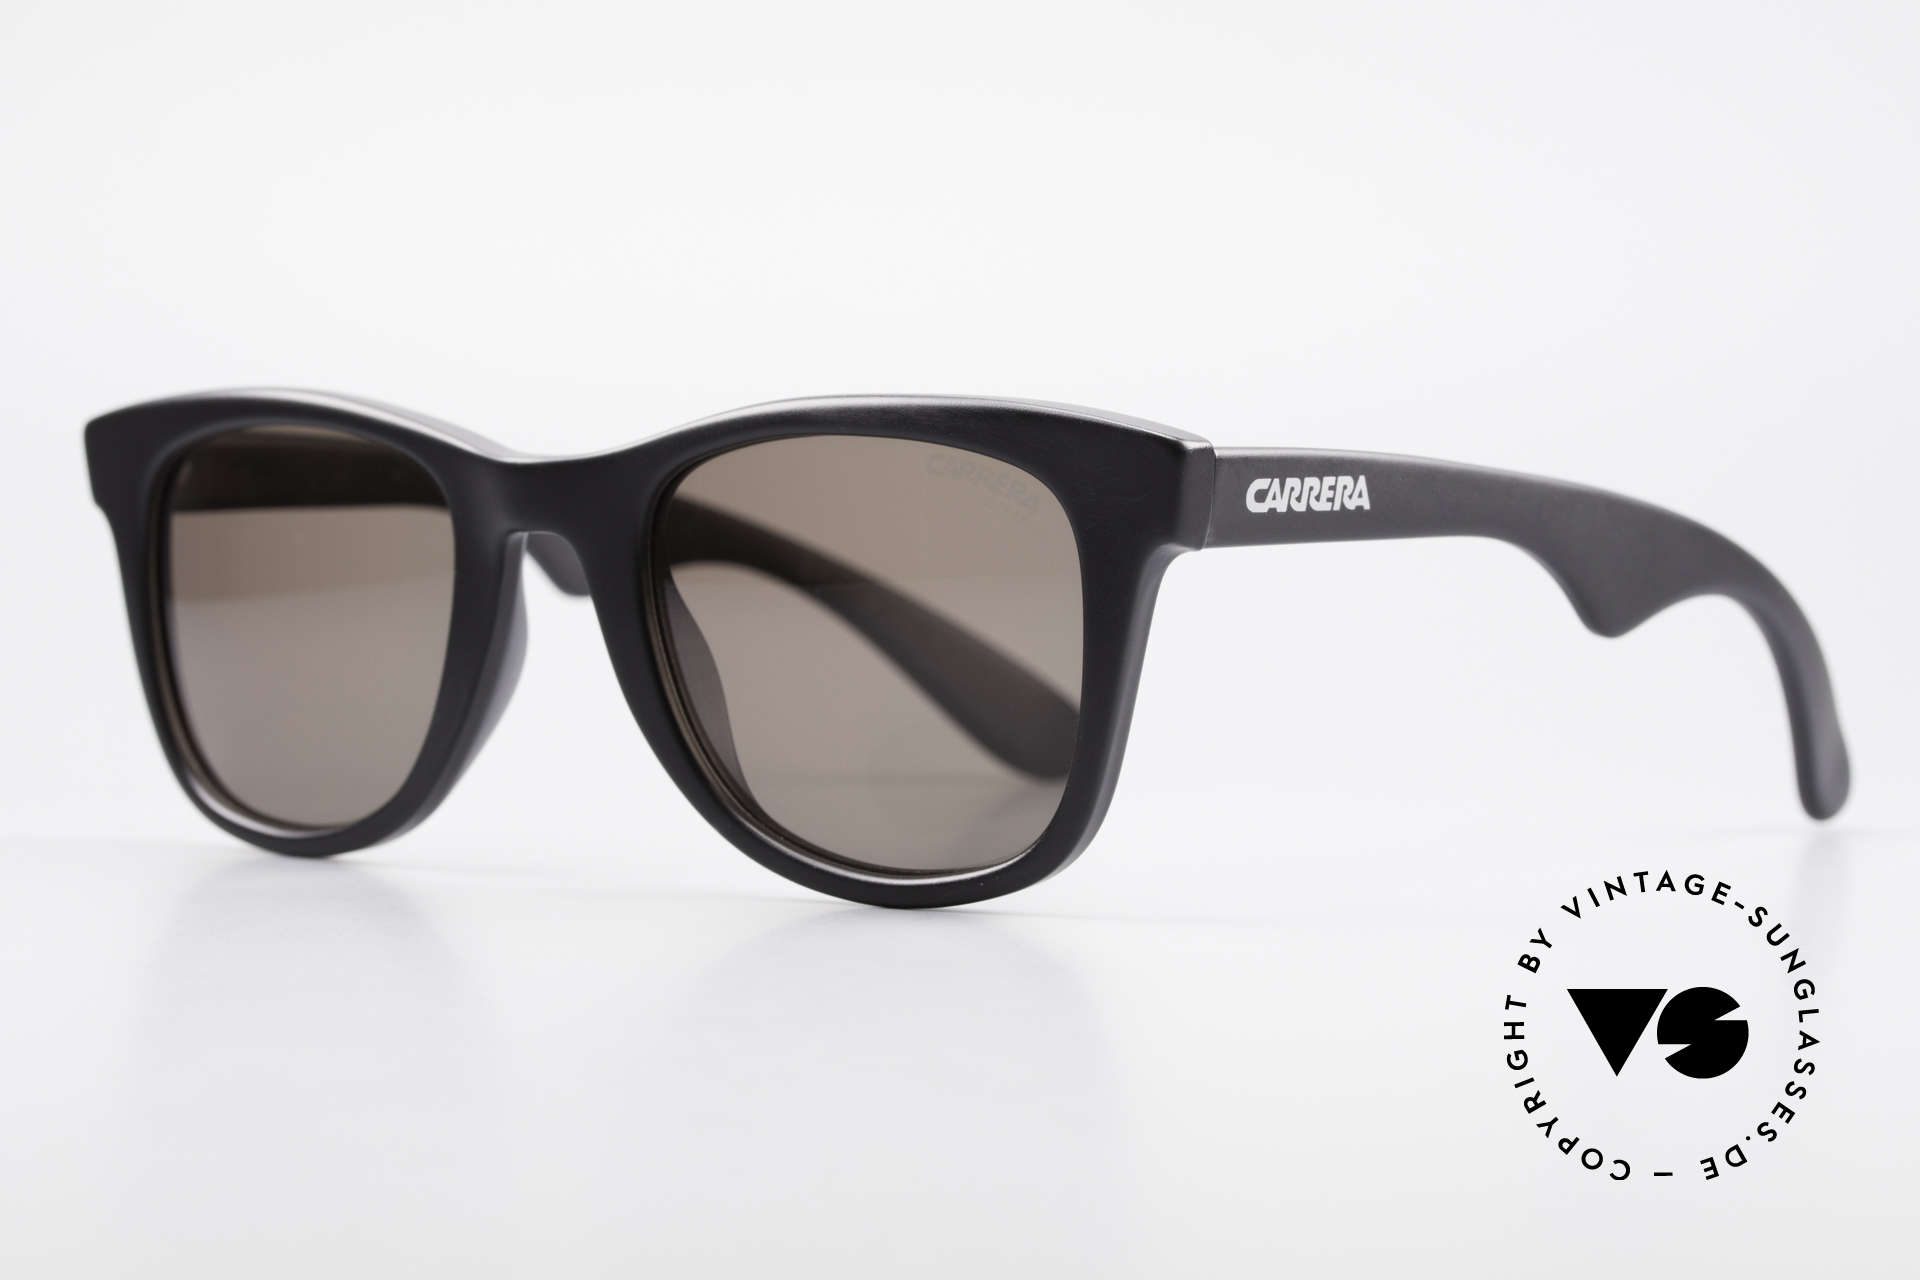 Carrera 5447 Sonnenbrille Im Wayfarer Stil, absolute Top-Qualität (100% UV) & Tragekomfort, Passend für Herren und Damen